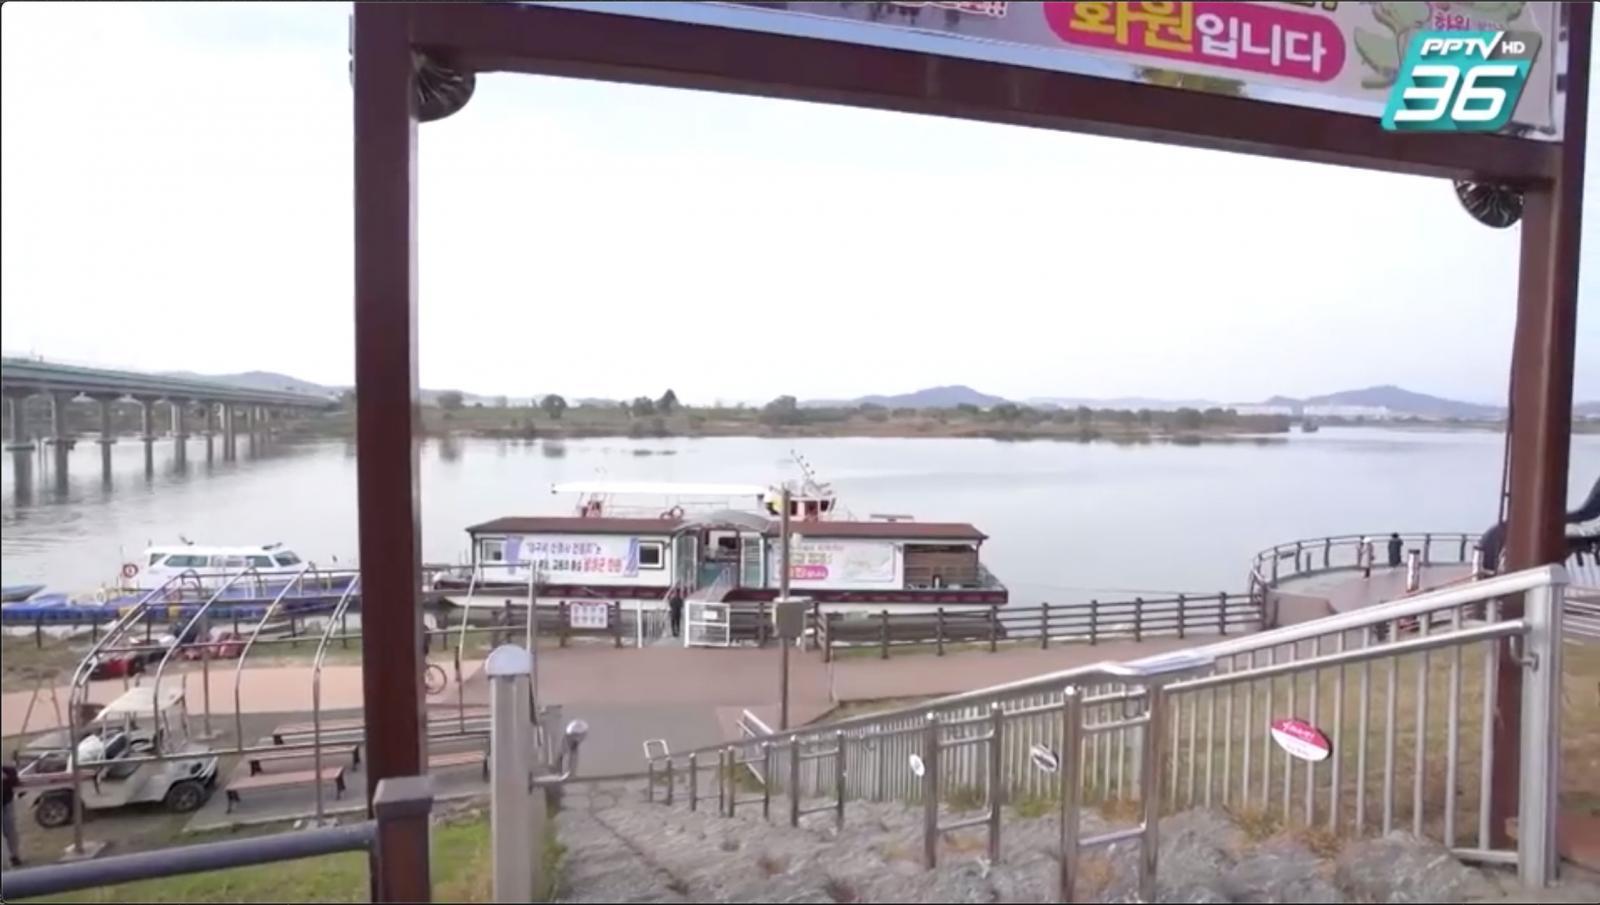 ล่องเรือตามแม่น้ำนักตง สัมผัส The Arc ศูนย์วัฒนธรรมแห่งอนาคต